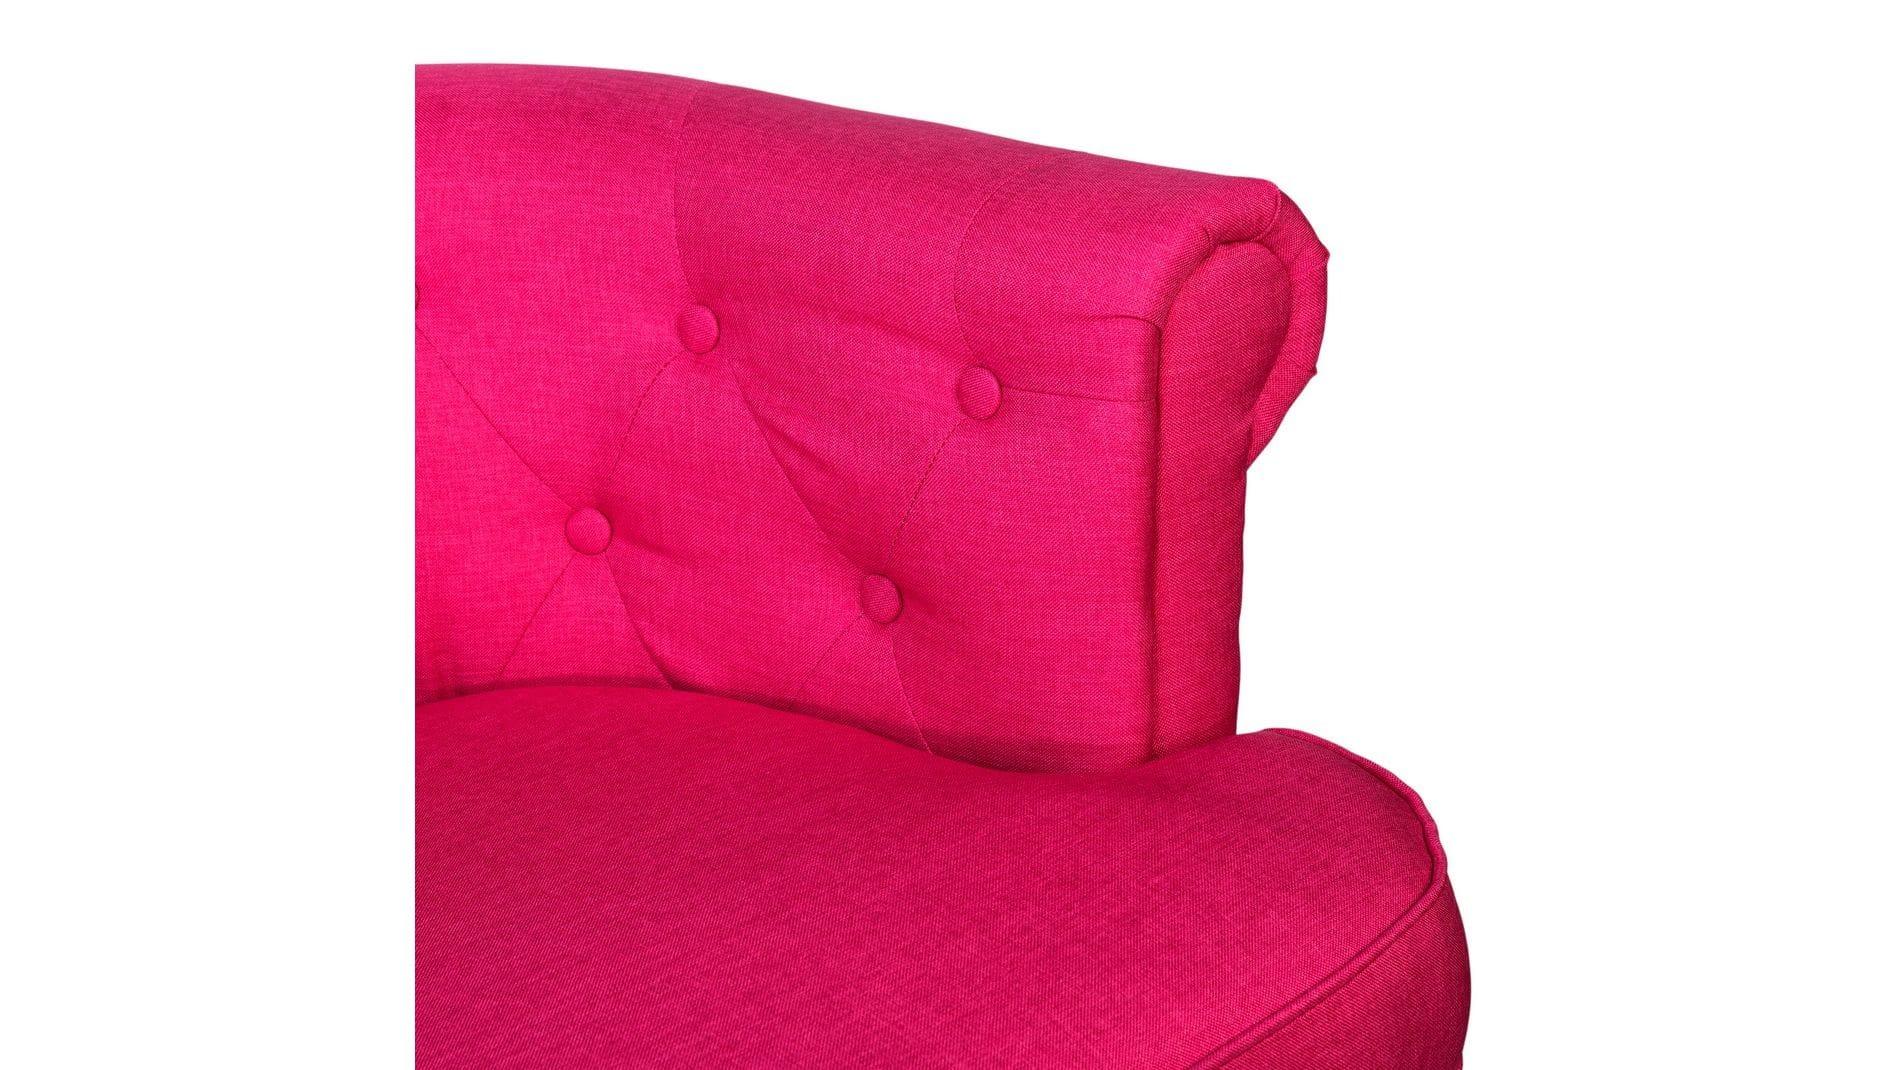 Кресло William Thackeray Розовое